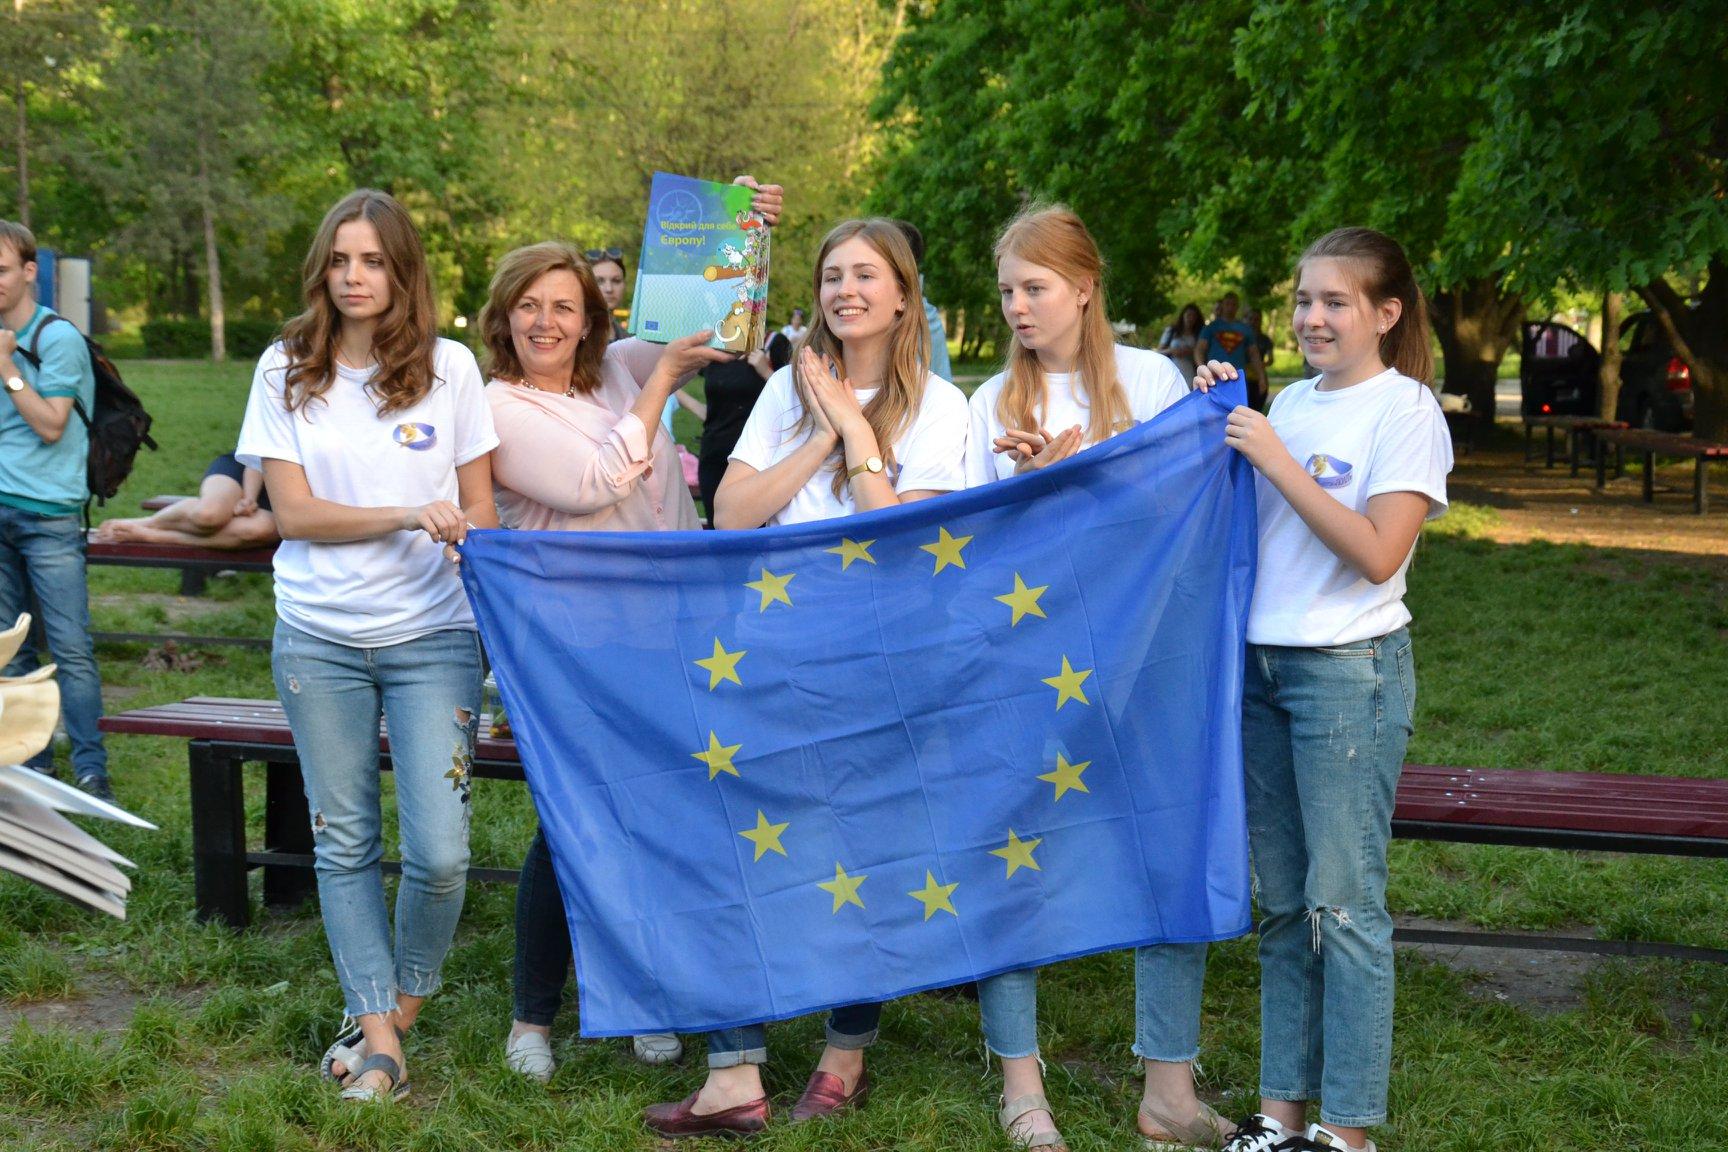 Представники ЄС привезли до Запоріжжя трошки Європи та цінної інформації